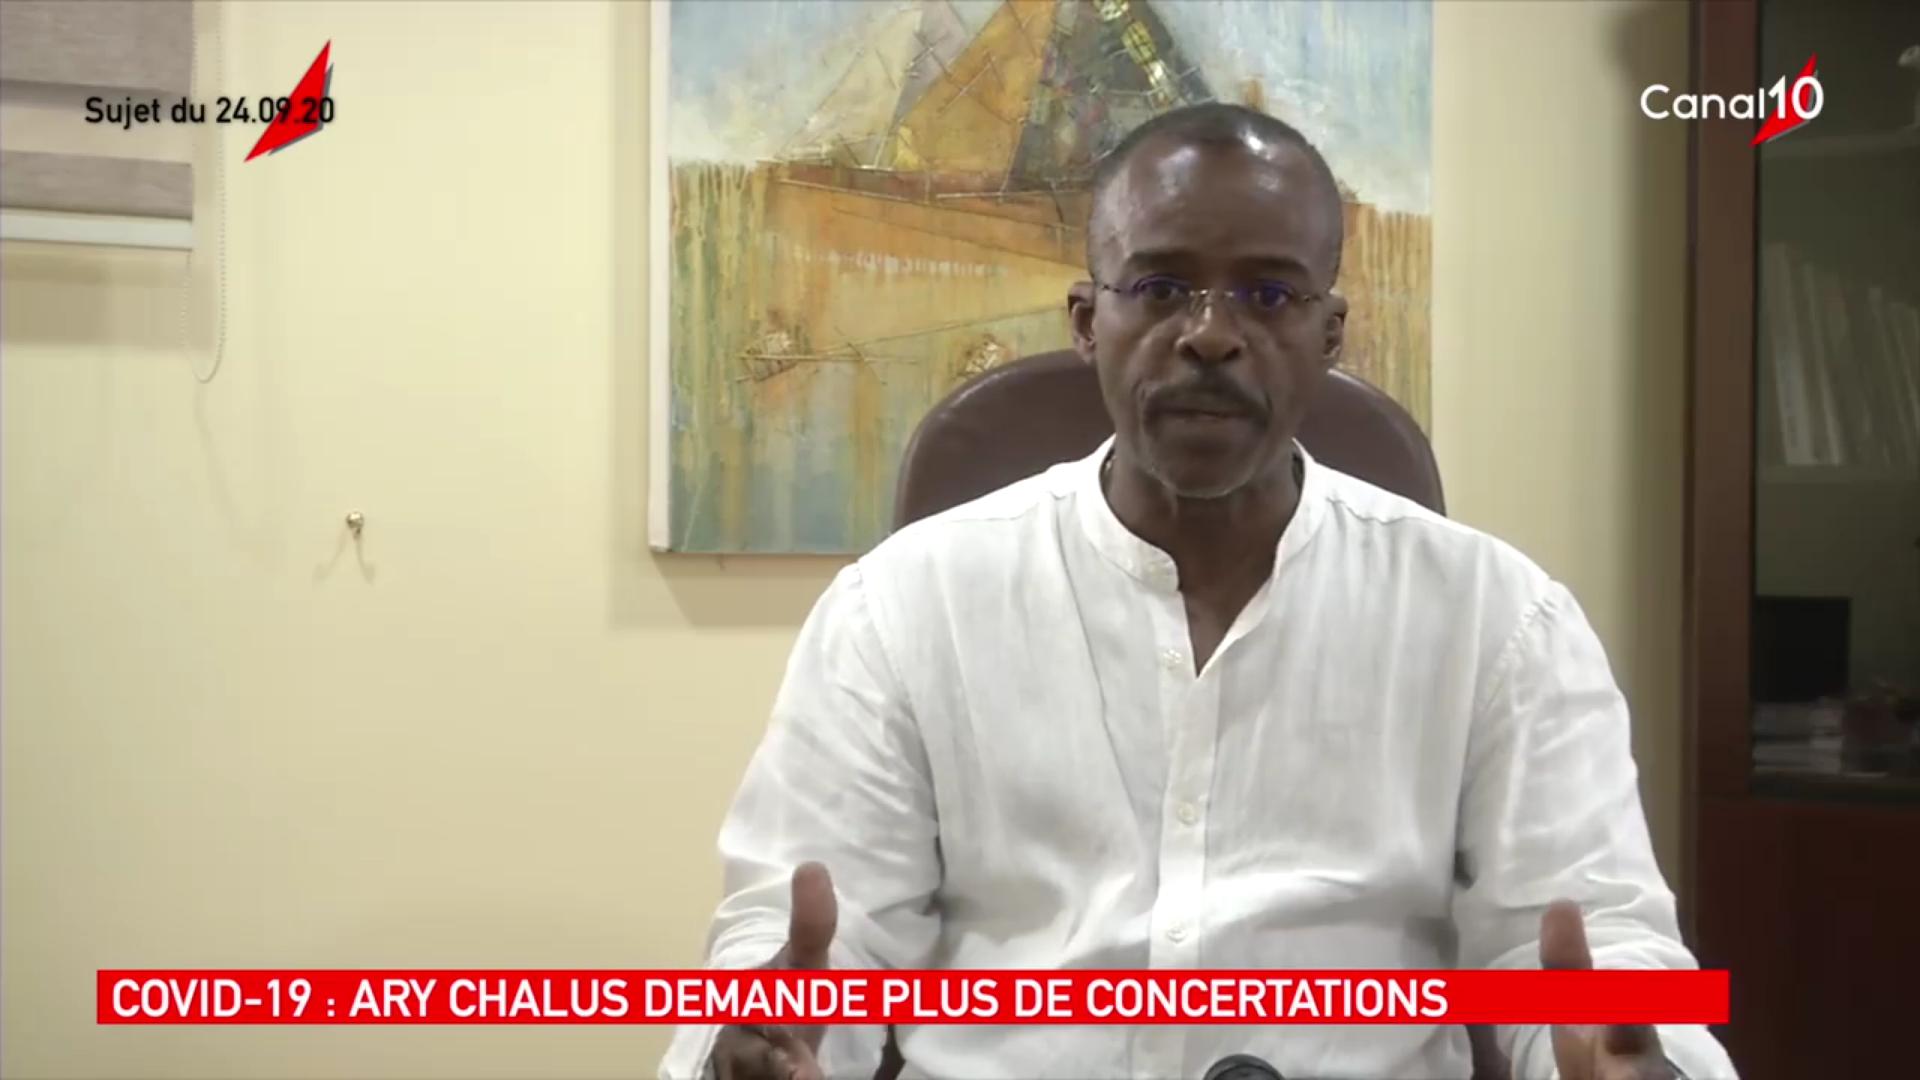 [Vidéo] Onews Guadeloupe.Covid.Réaction de Ary Chalus Président de Région suite aux mesures décidées (Canal 10)